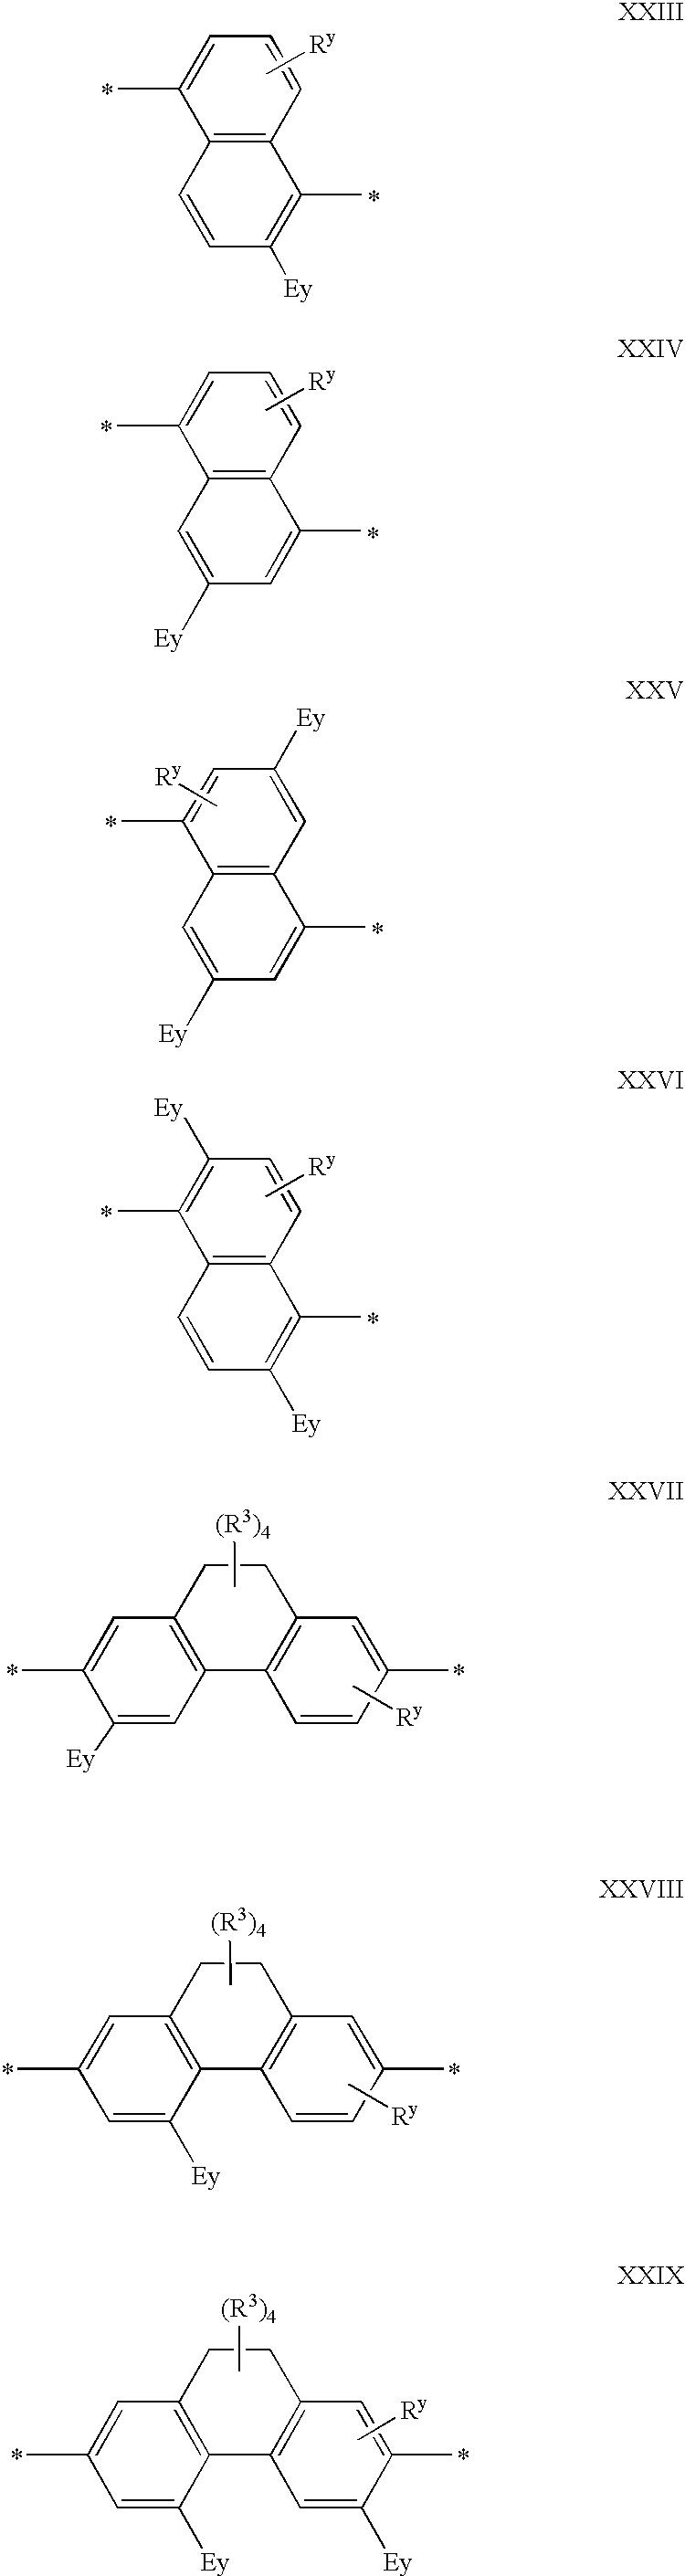 Figure US20040062930A1-20040401-C00106